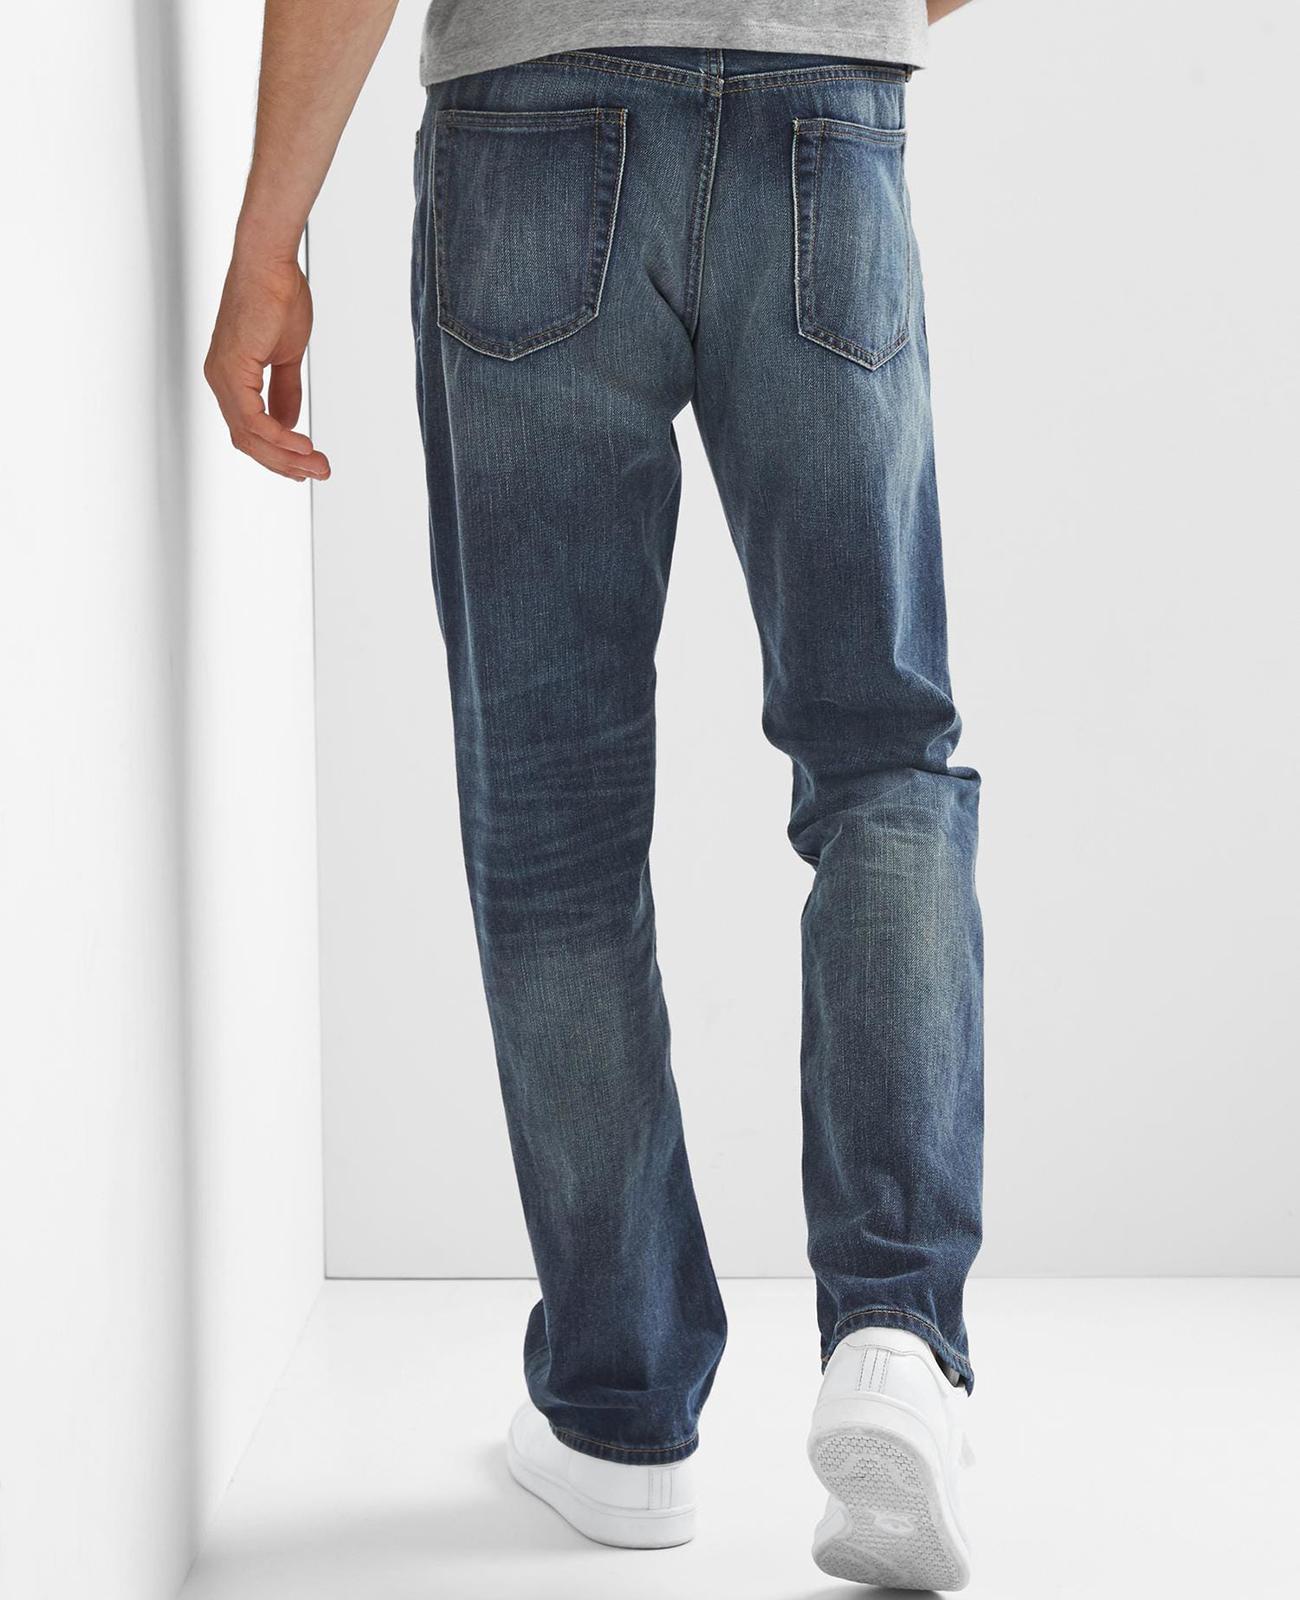 gap-349790-straight-fit-jean